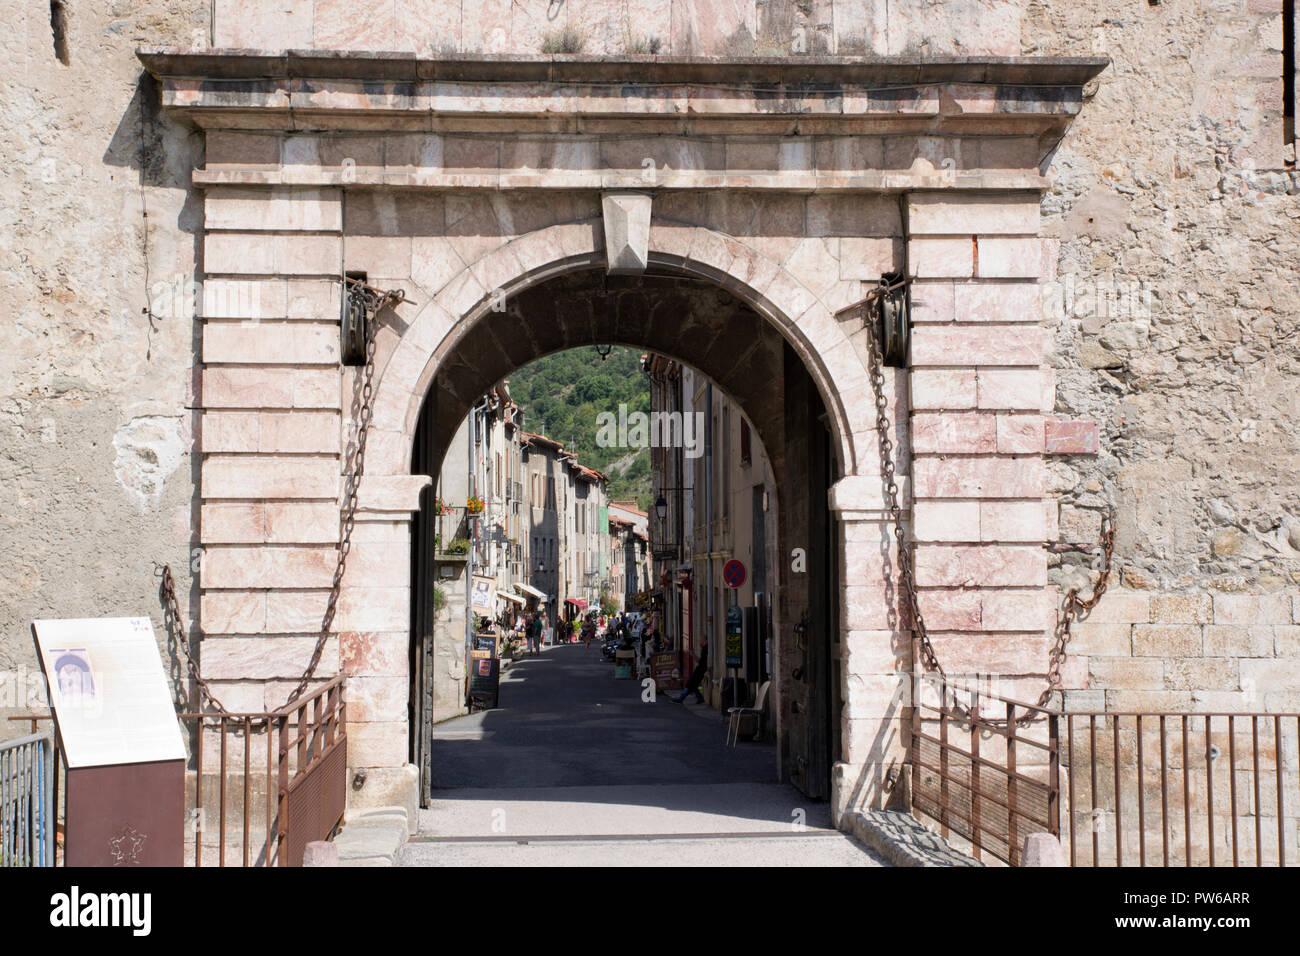 Villefranche-de-Conflent, Porte de'Espagne - Stock Image